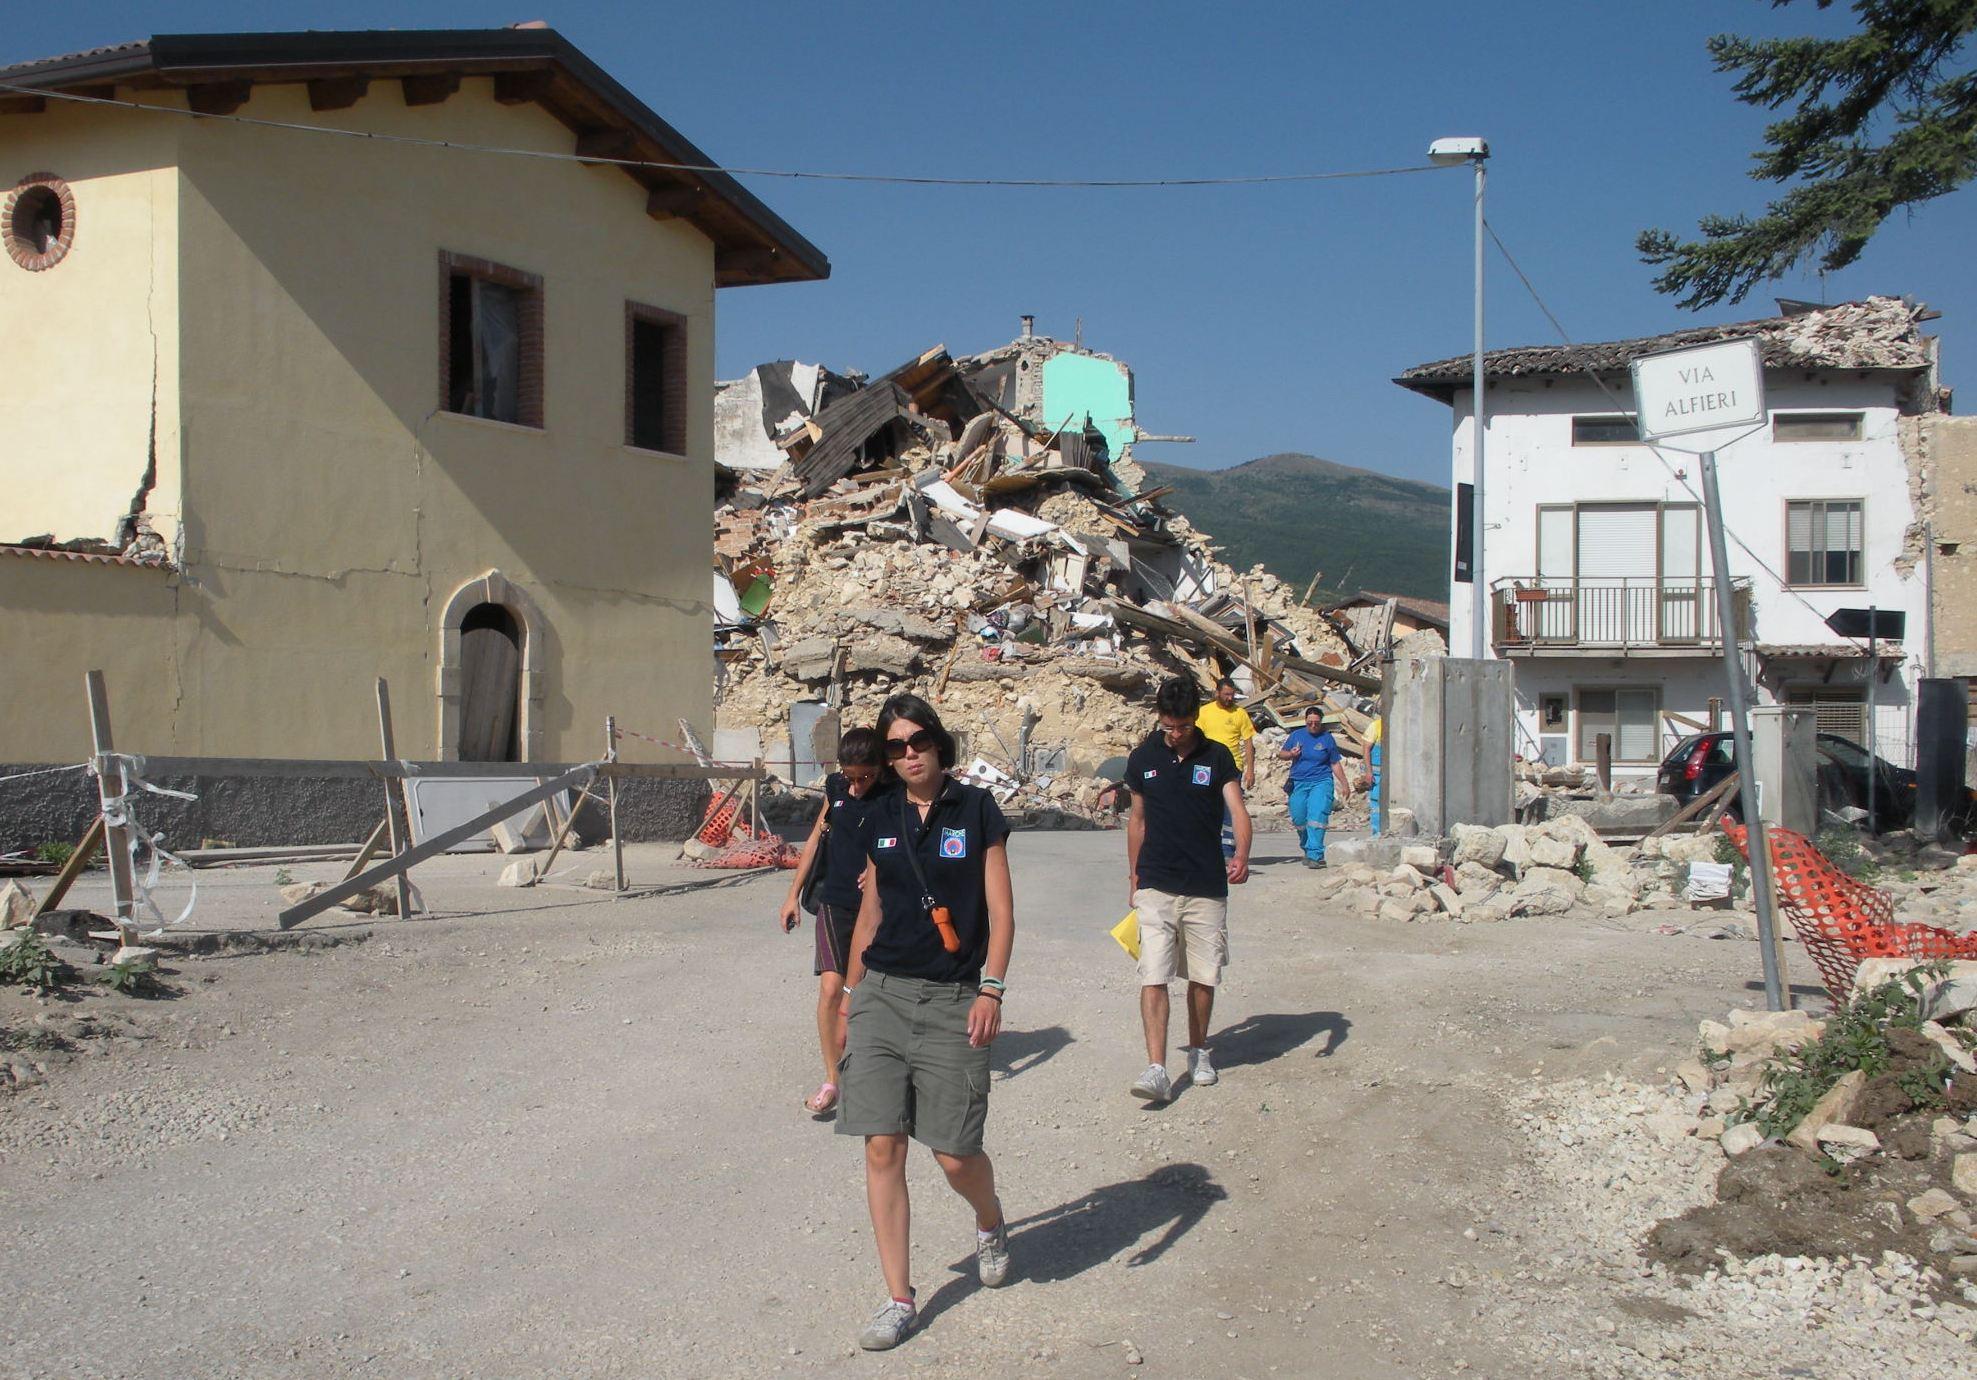 terremoto de L'Aquila, dottoranda di protezione civile